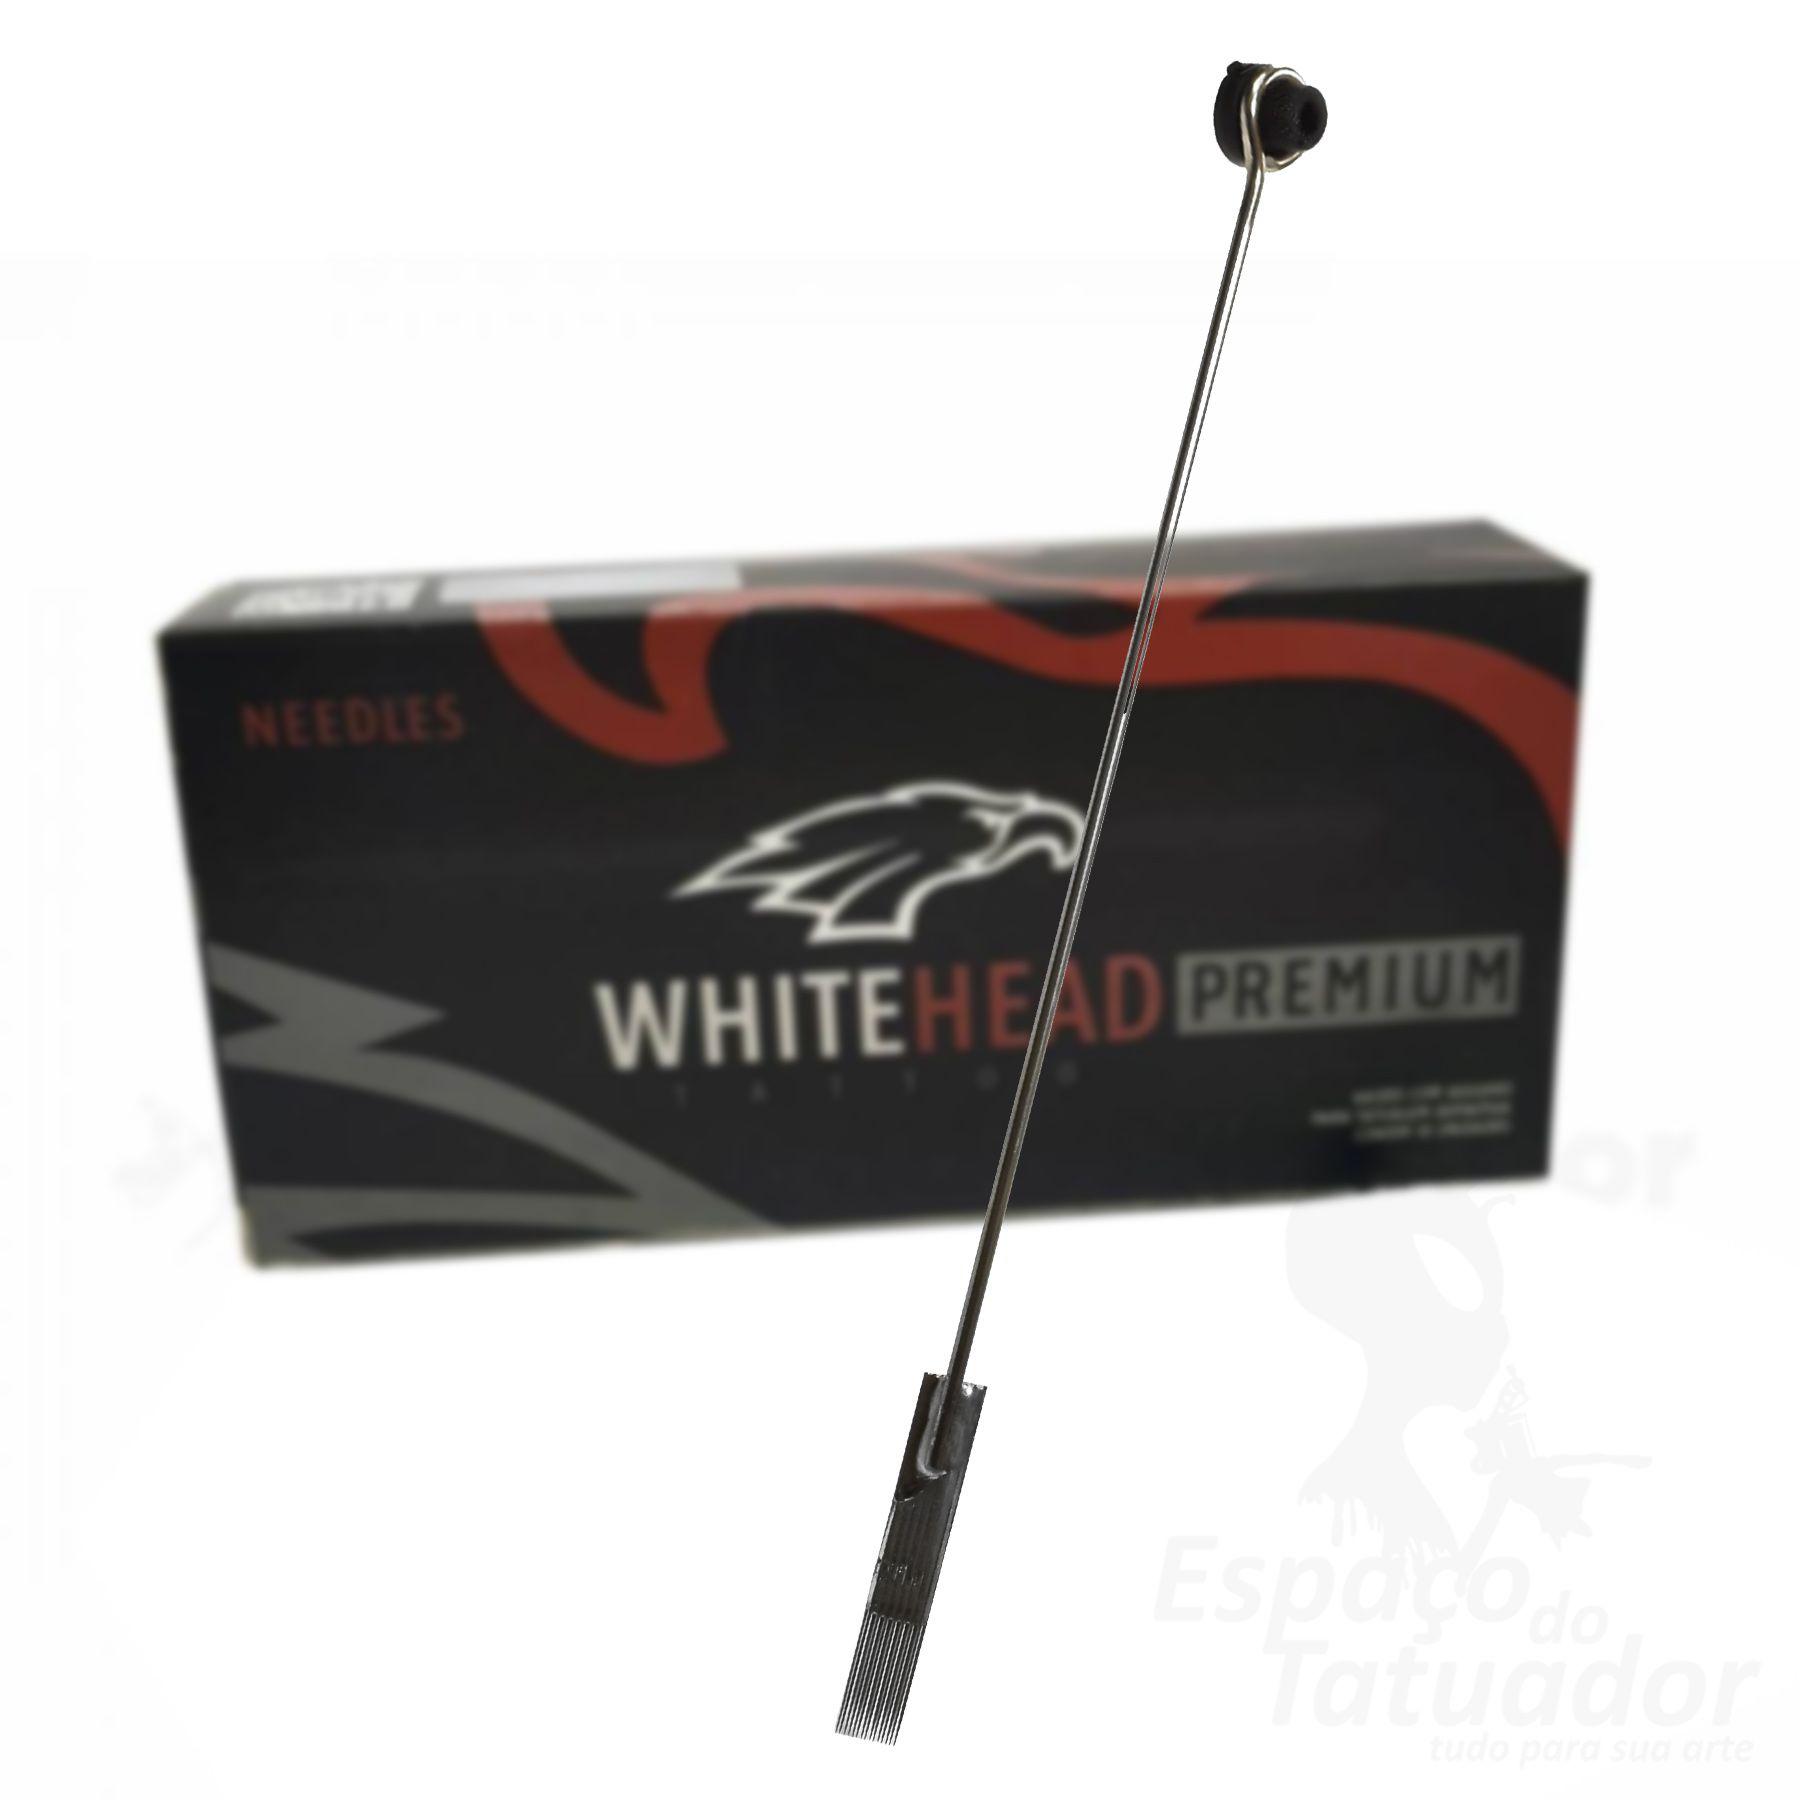 Agulha White Head Premium - MG 1213 - Caixa com 50 unidades